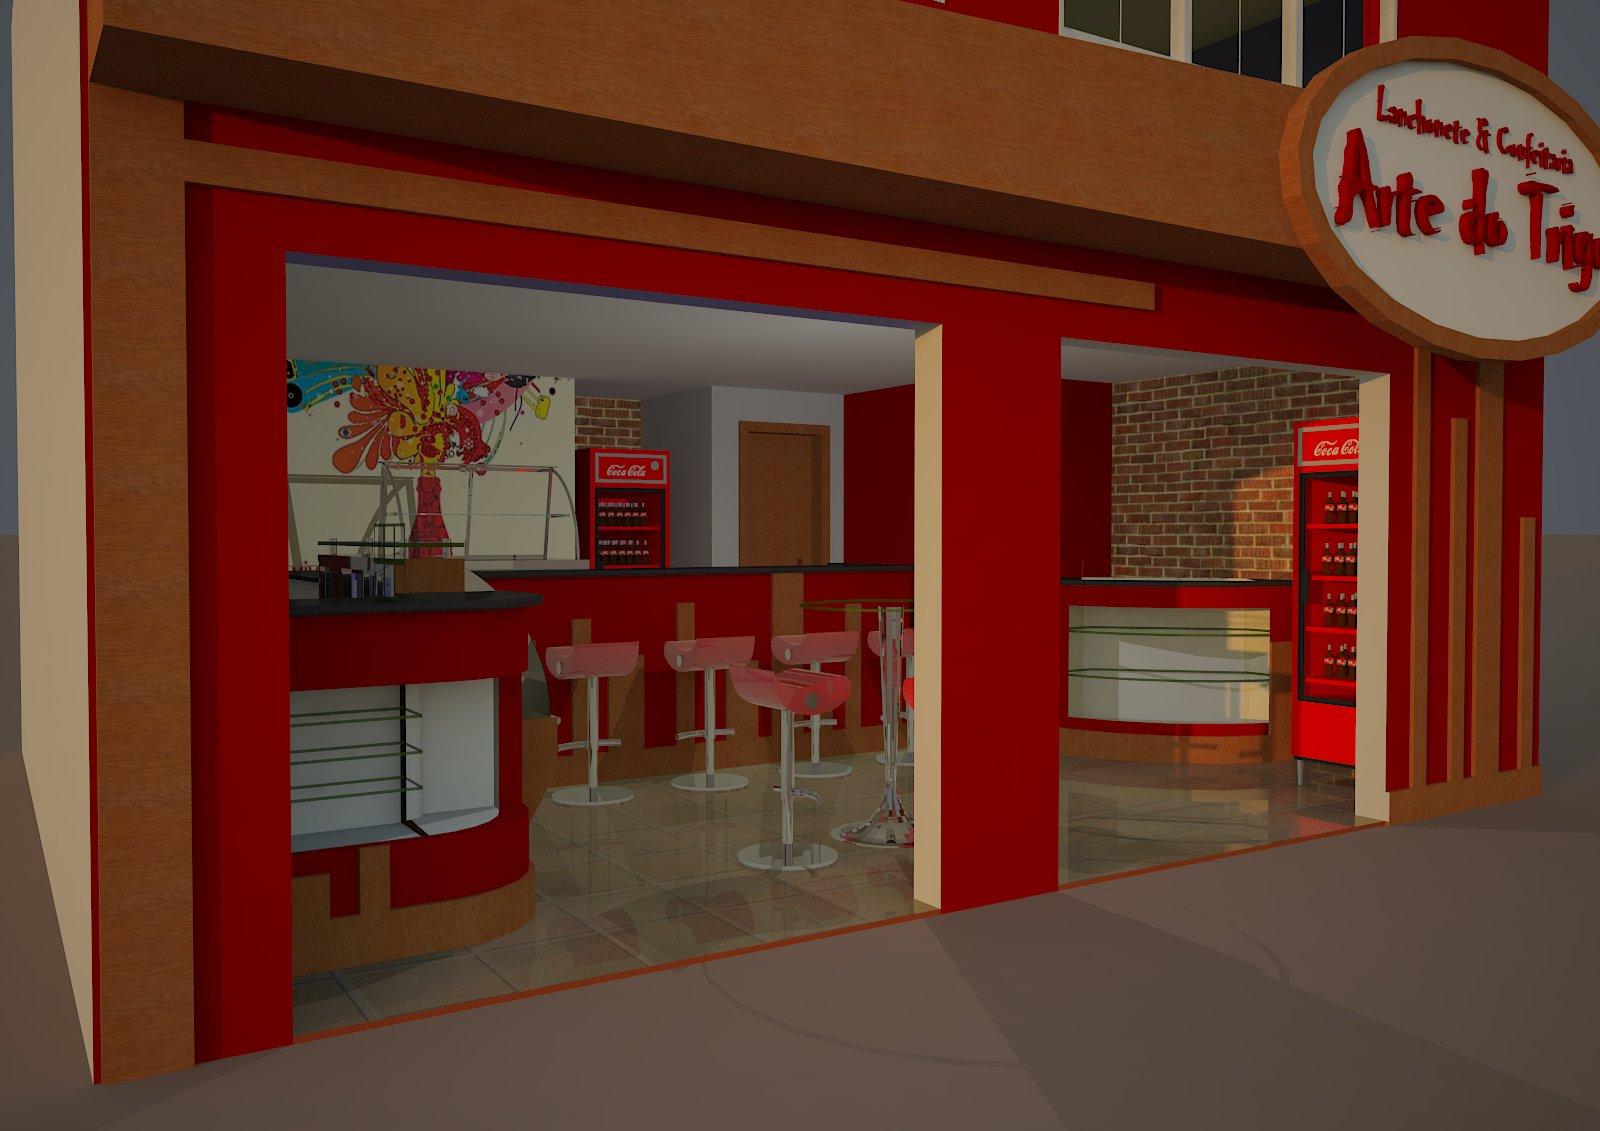 #C30A08 us Arquitetura: Lanchonete e Confeitaria Arte do Trigo Teófilo  1600x1131 px Projeto Cozinha Confeitaria #2489 imagens